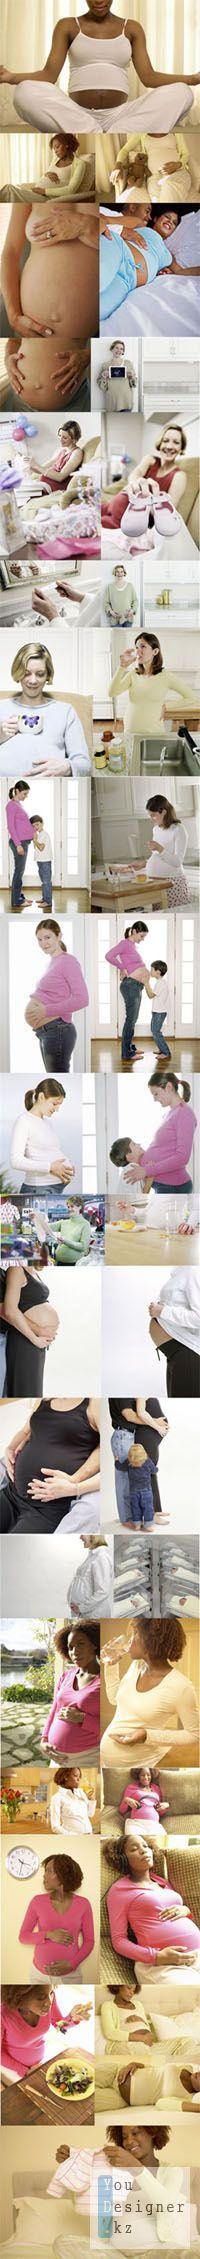 Беременность, Ожидание малыша / Pregnancy, Waiting for a baby